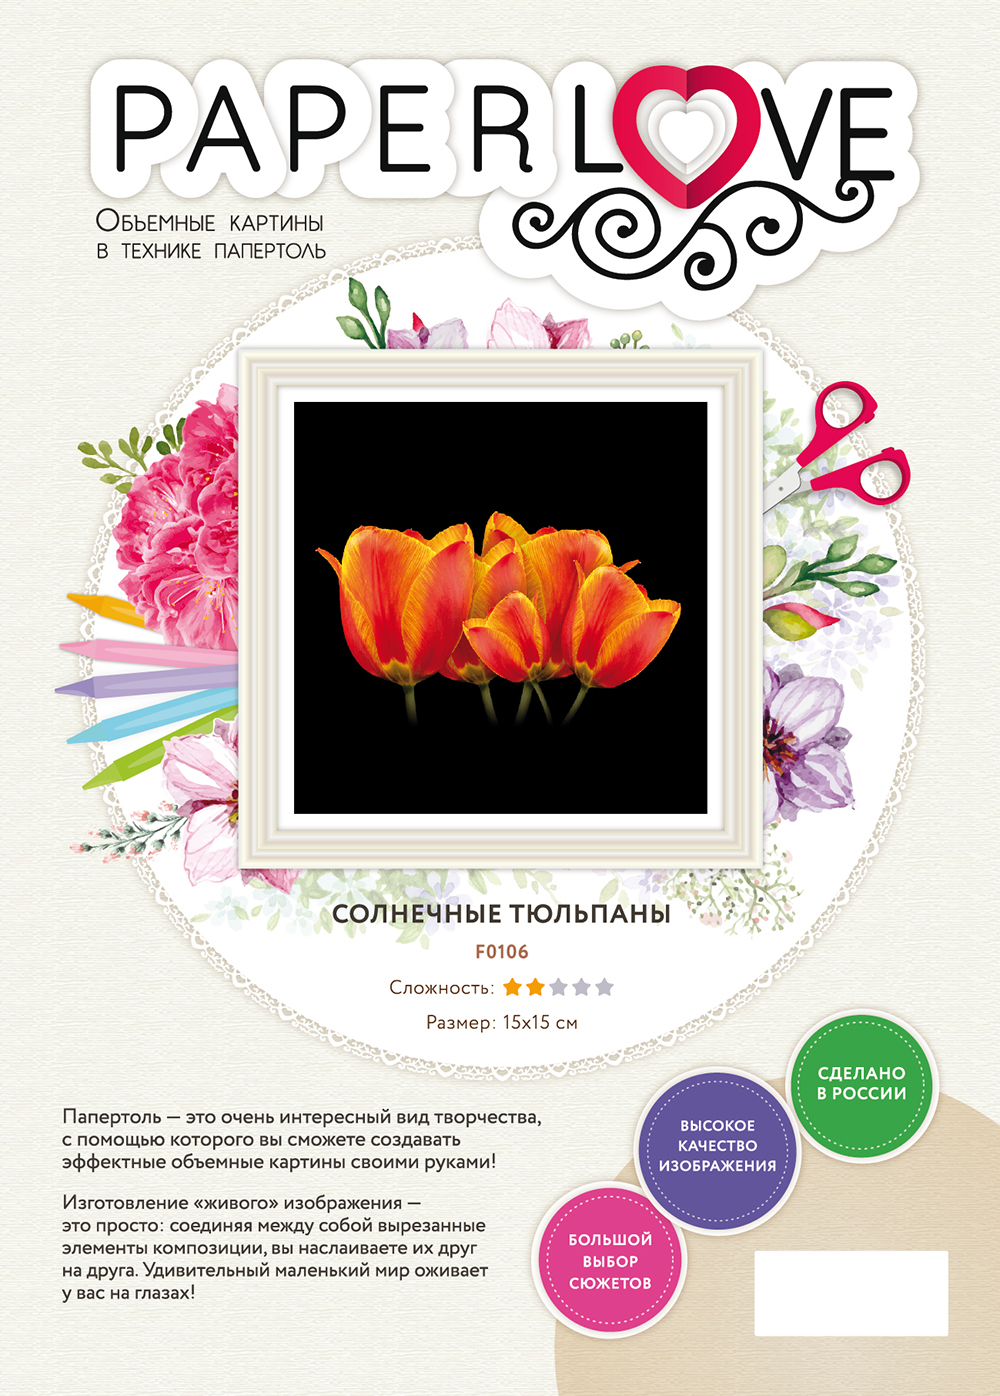 Папертоль Солнечные тюльпаны — фотография обложки.